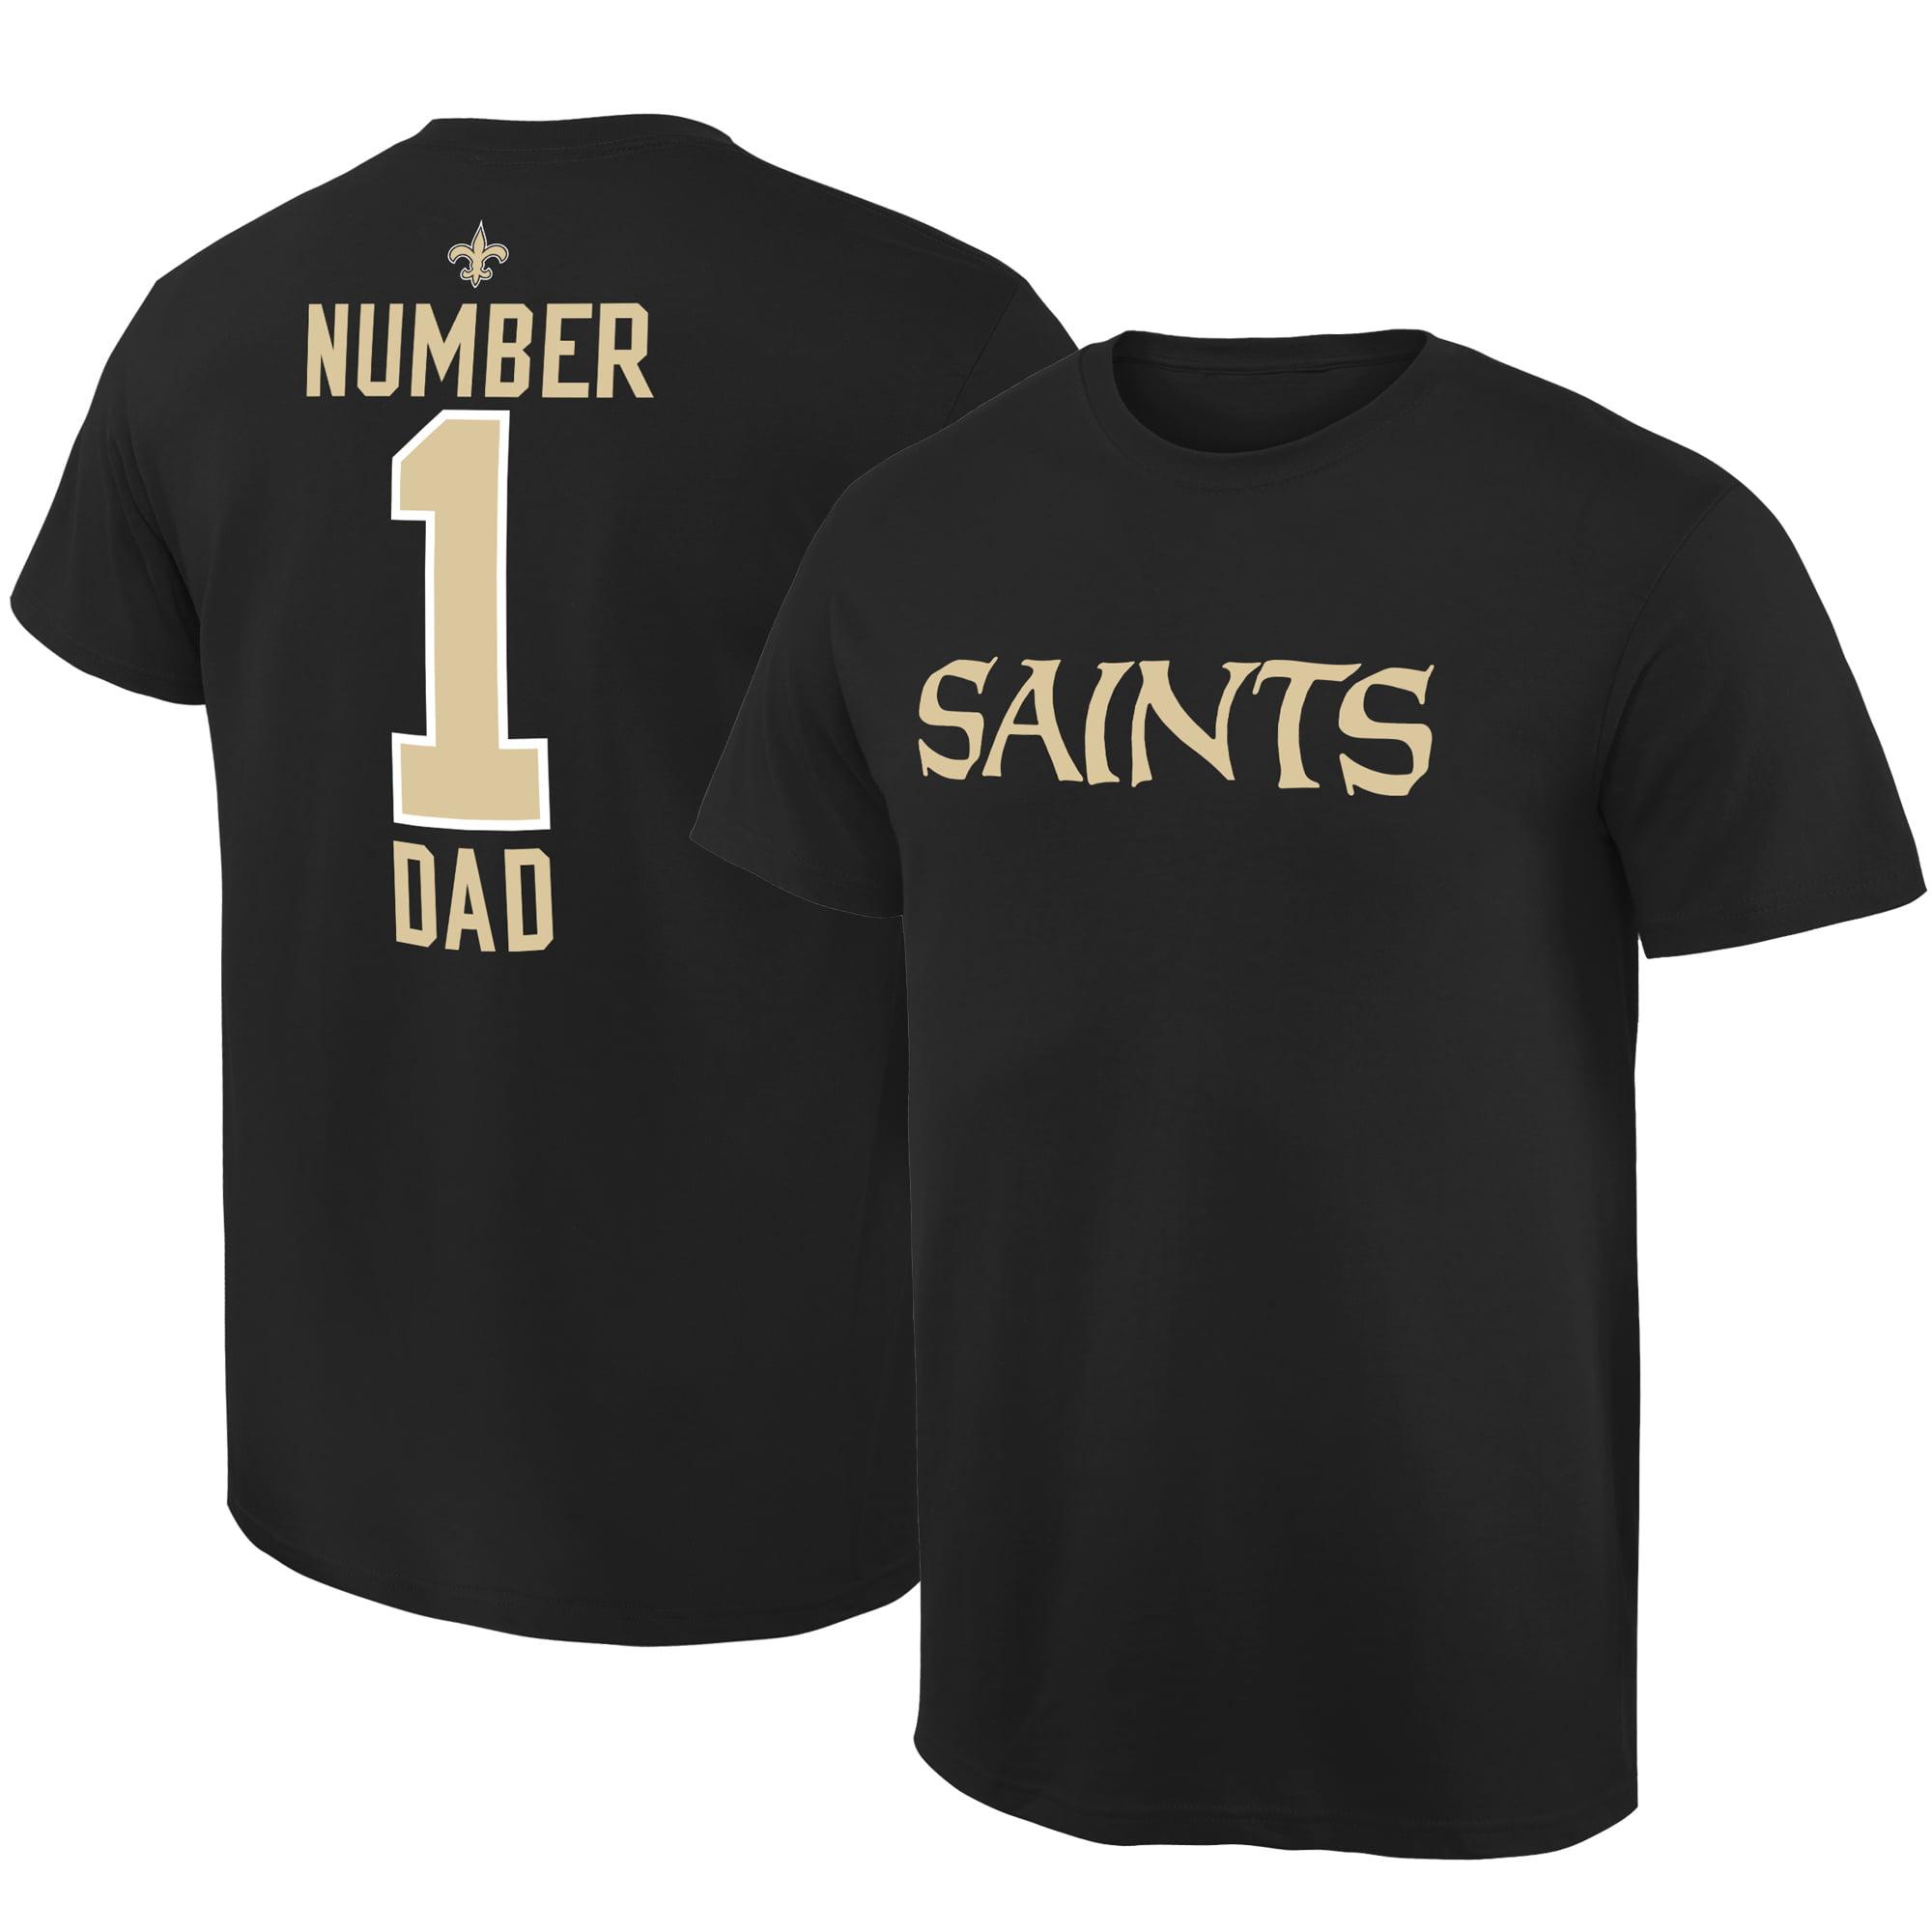 New Orleans Saints #1 Dad T-Shirt - Black